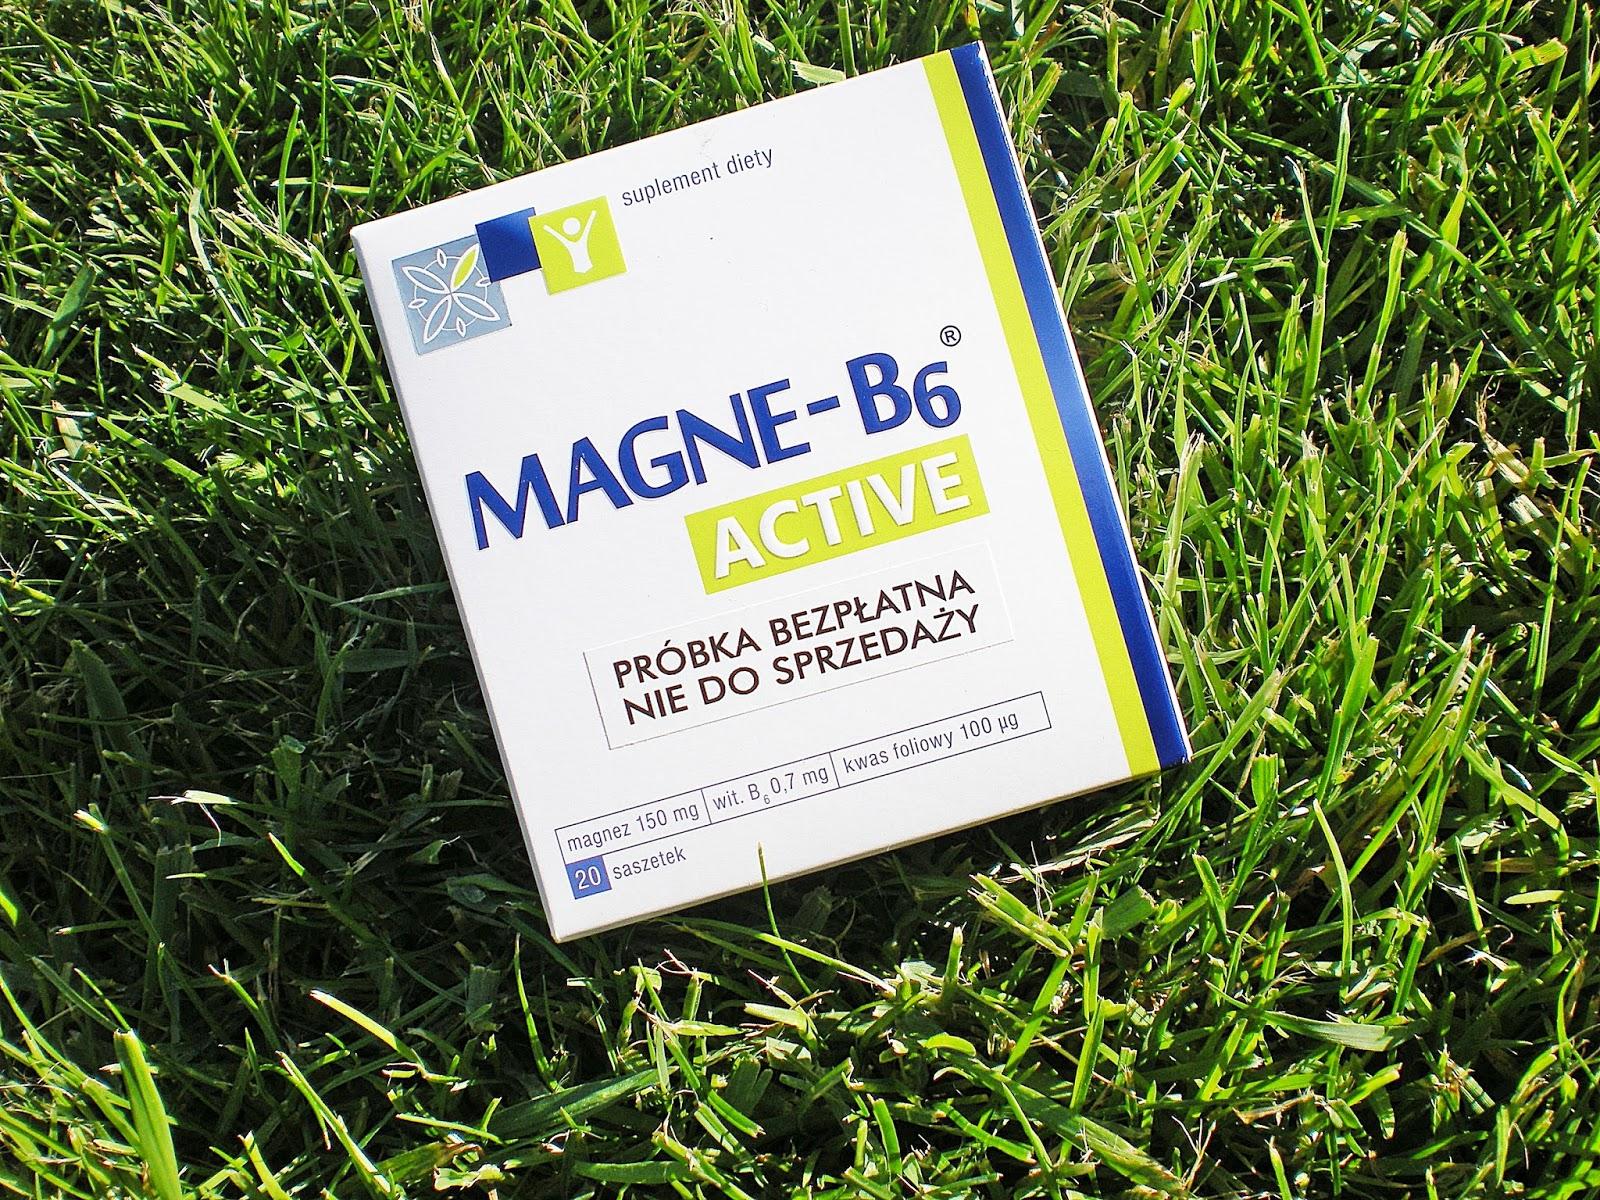 Magnez Magne-B6 Active